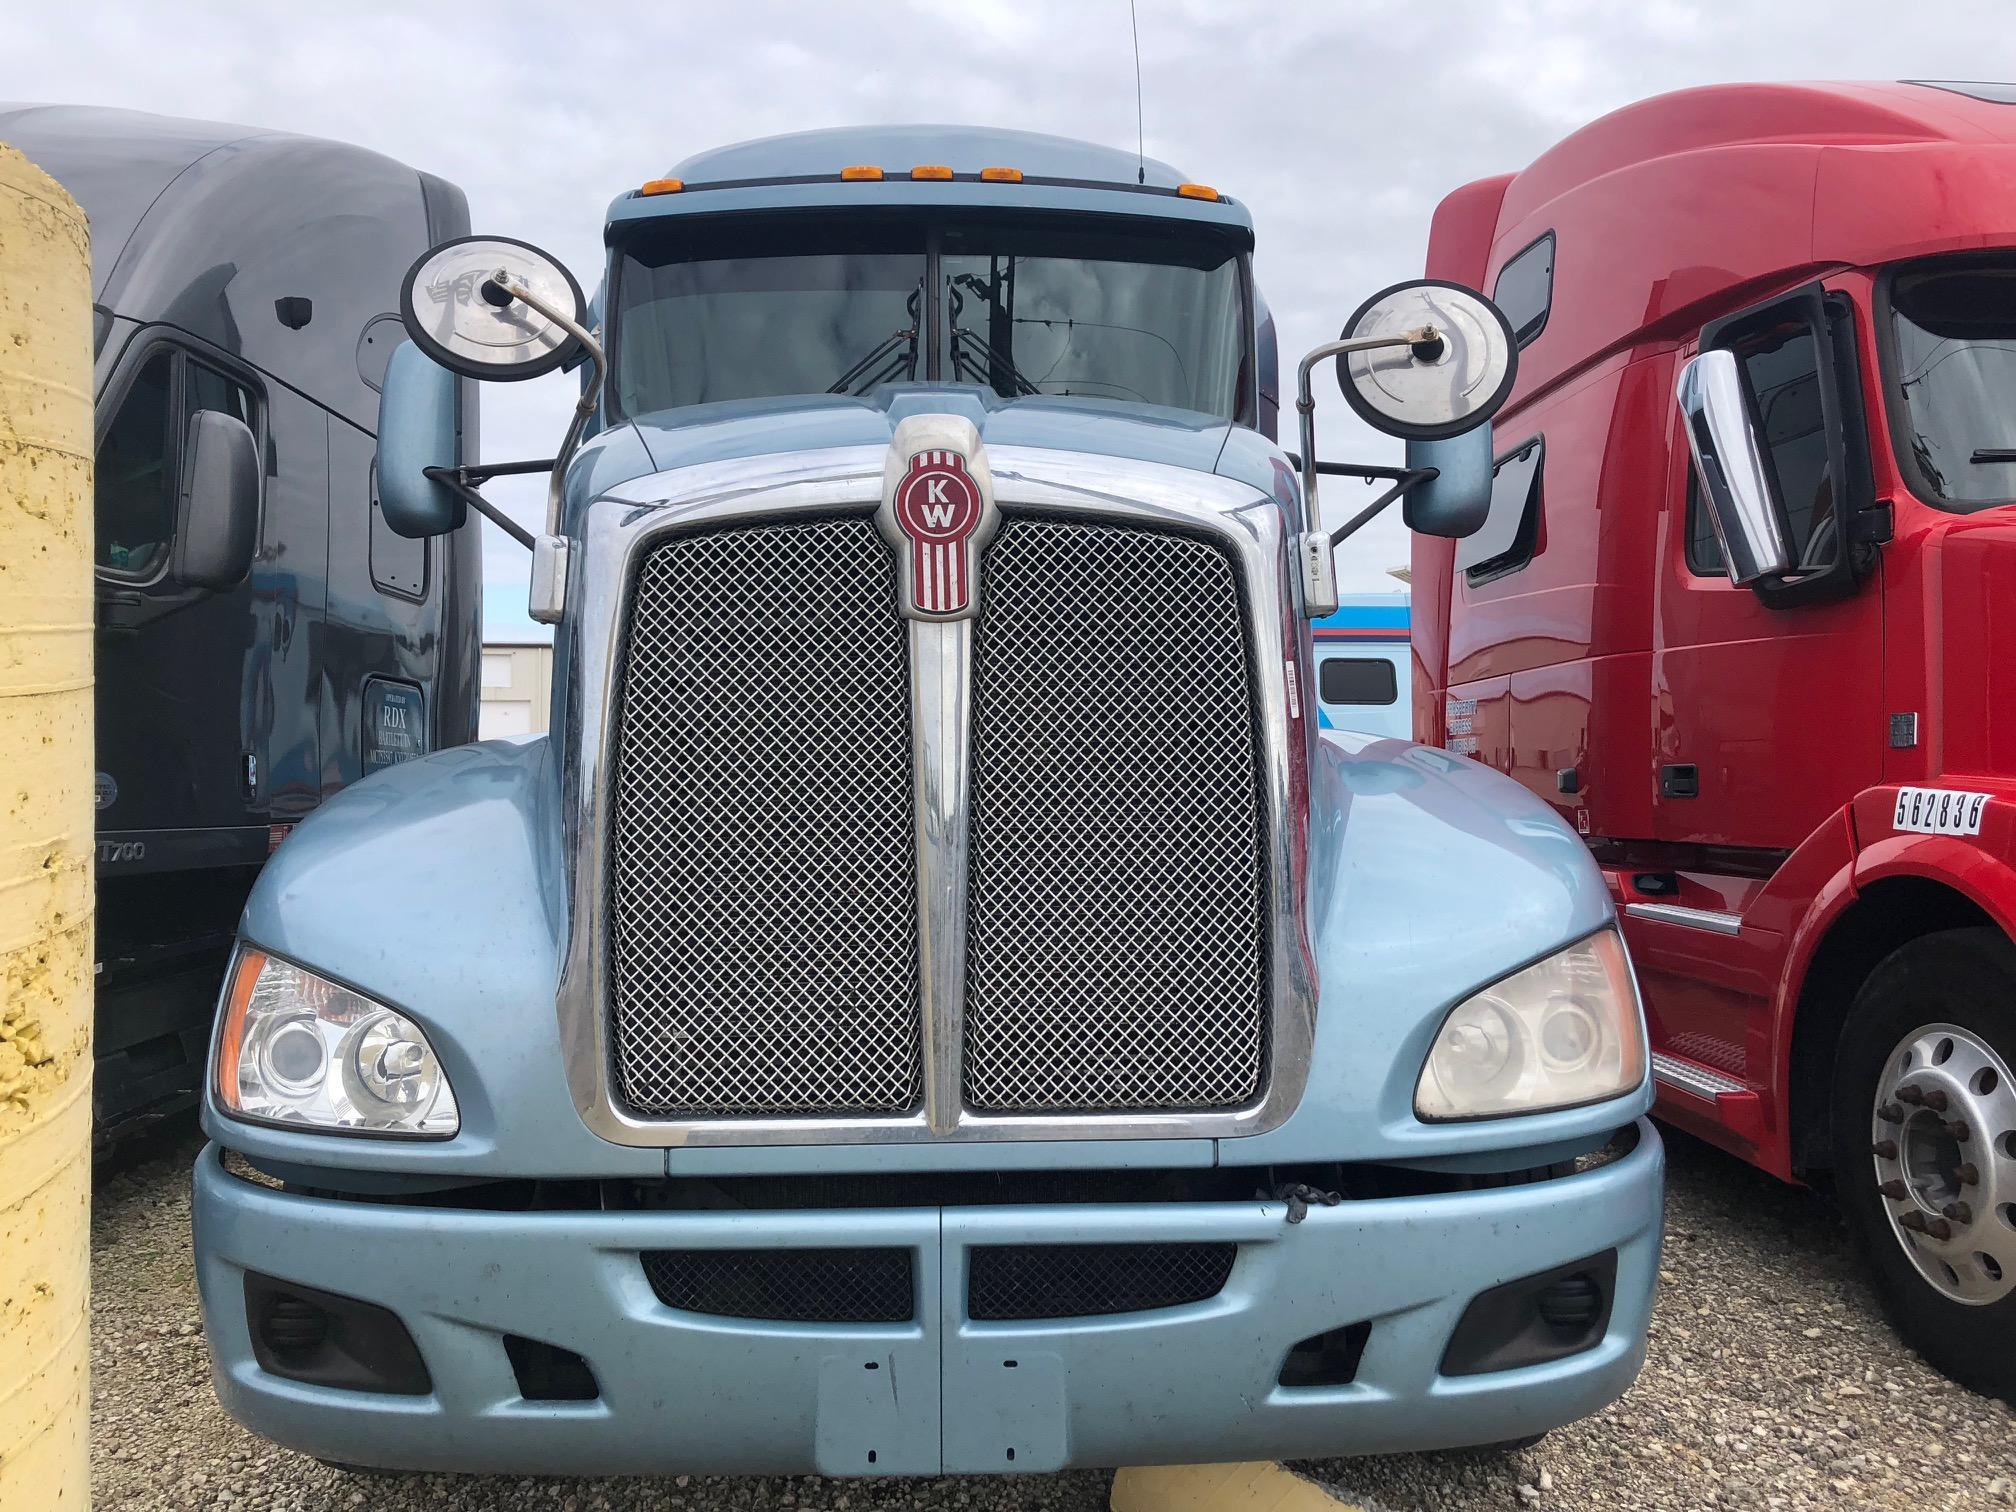 USED 2012 KENWORTH T660 SLEEPER TRUCK #113503